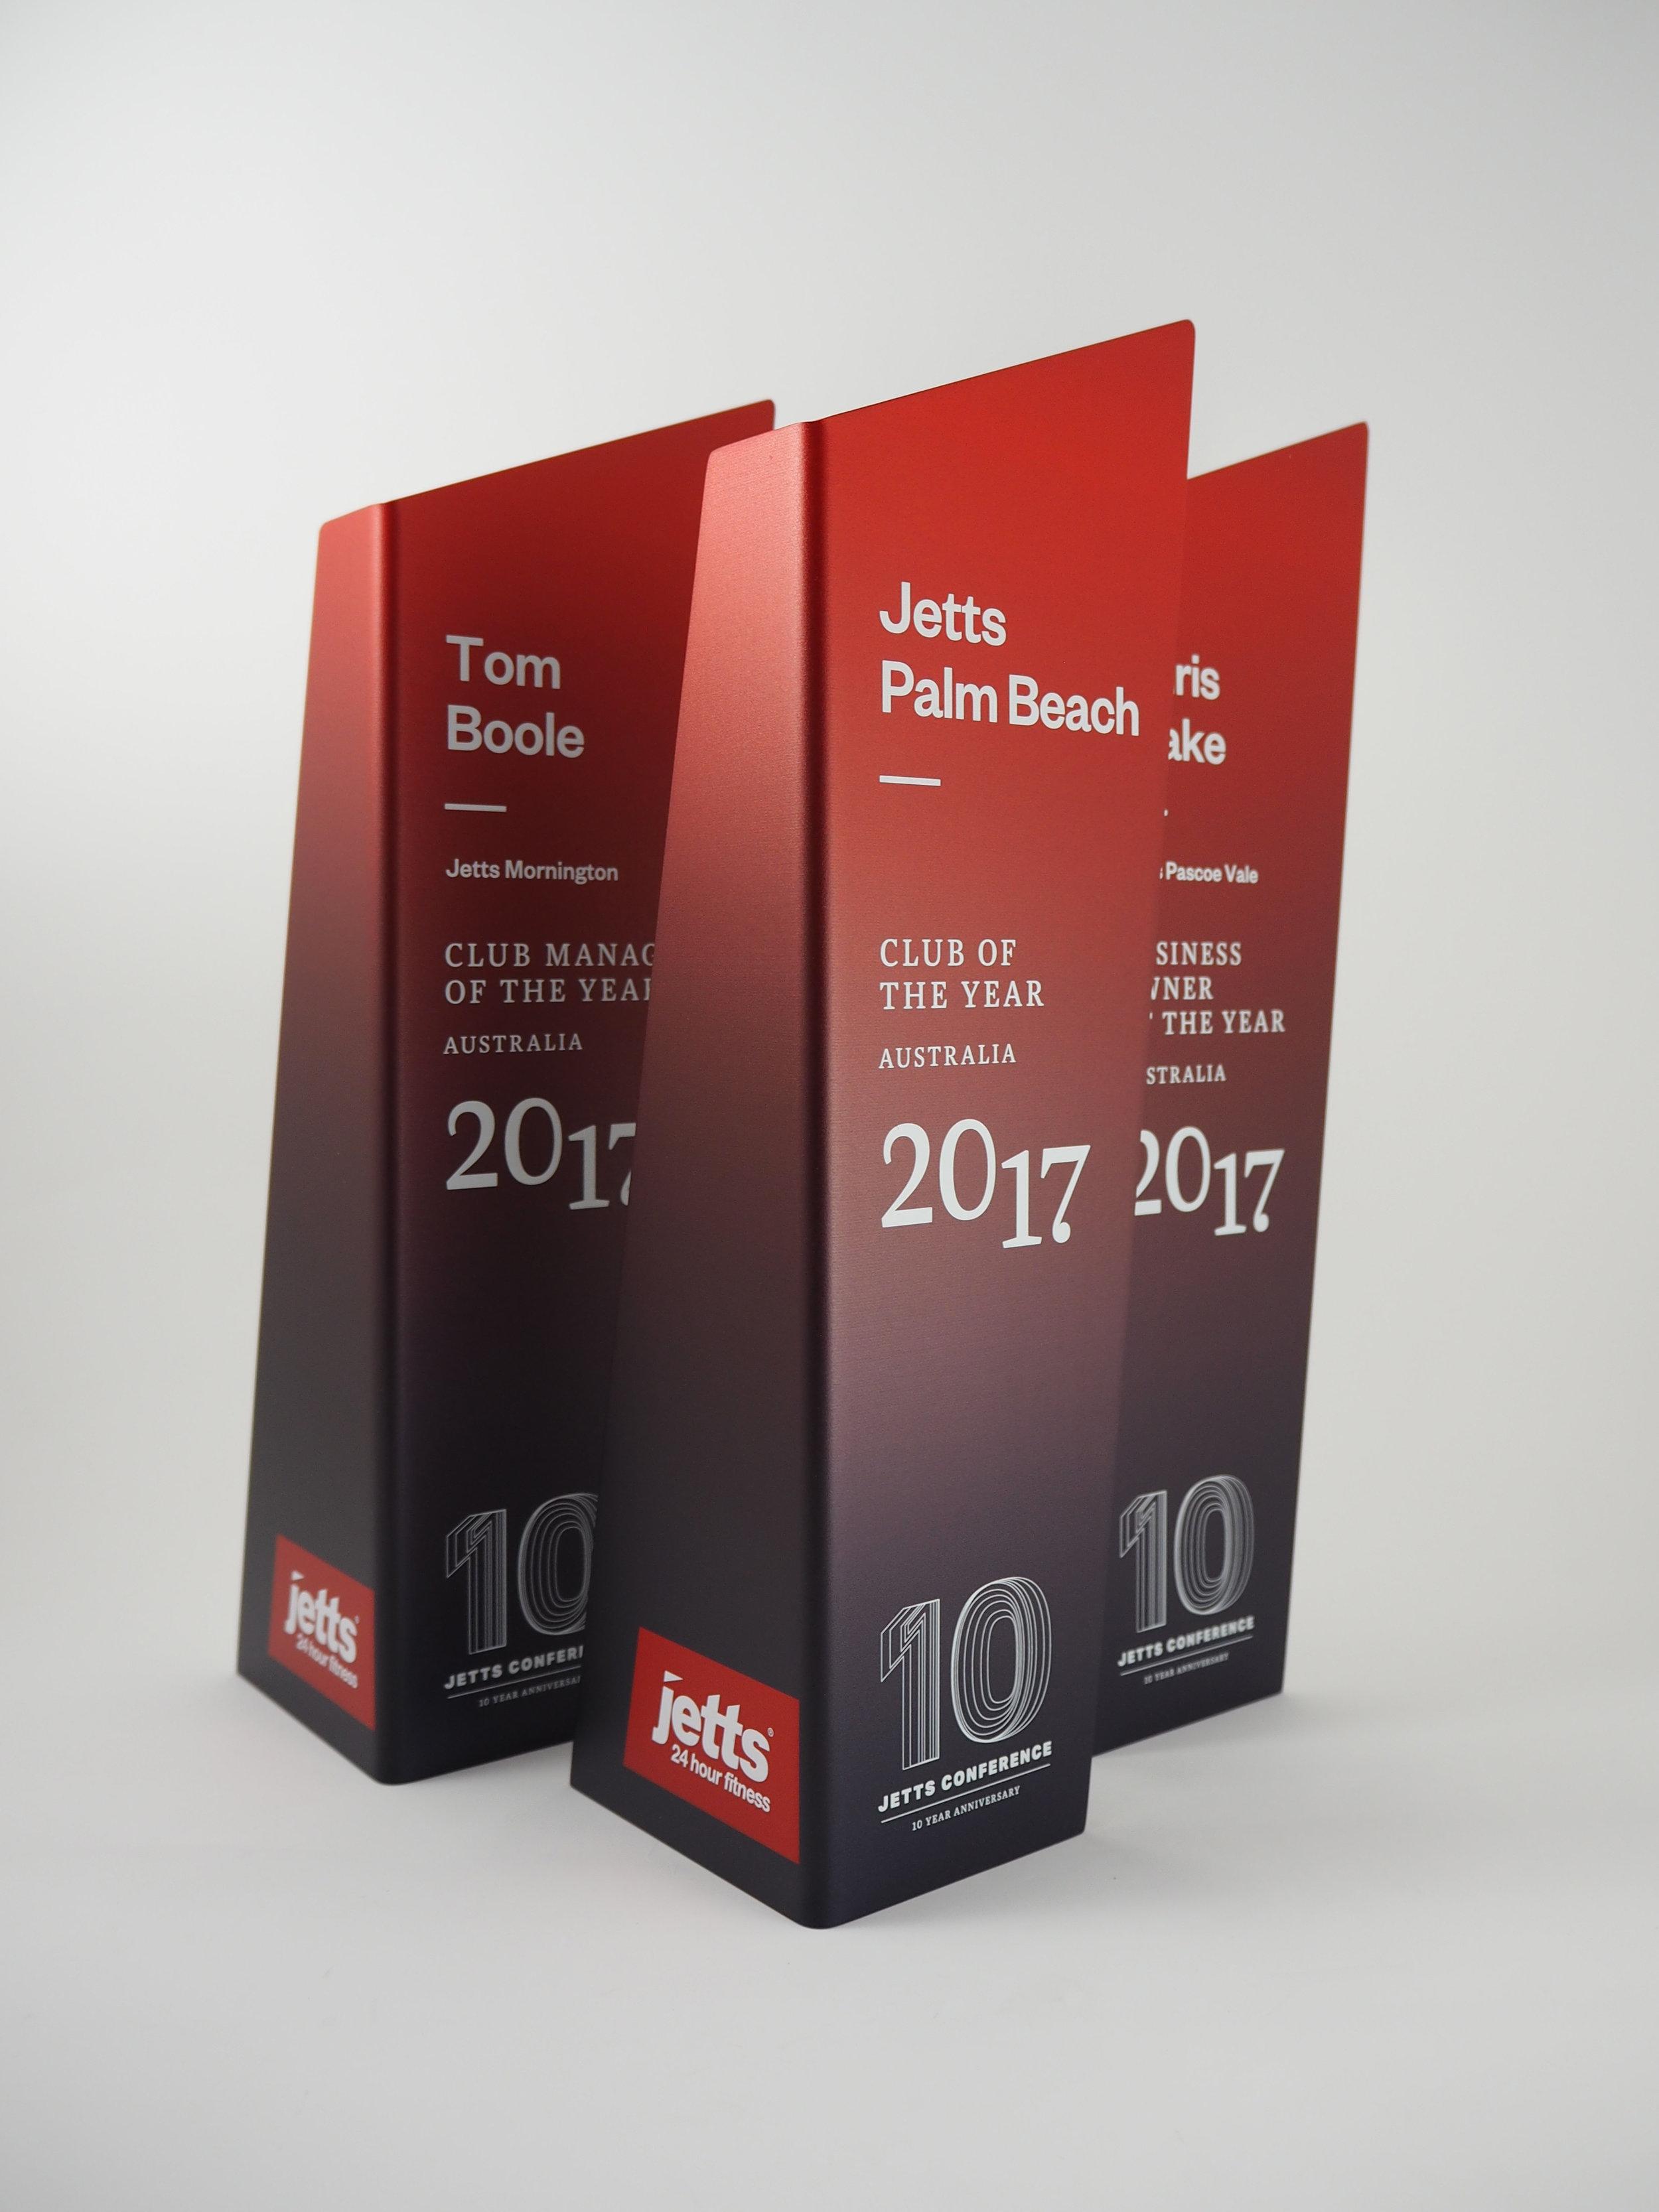 Jetts-eco-aluminium-trophy-award-02.jpg